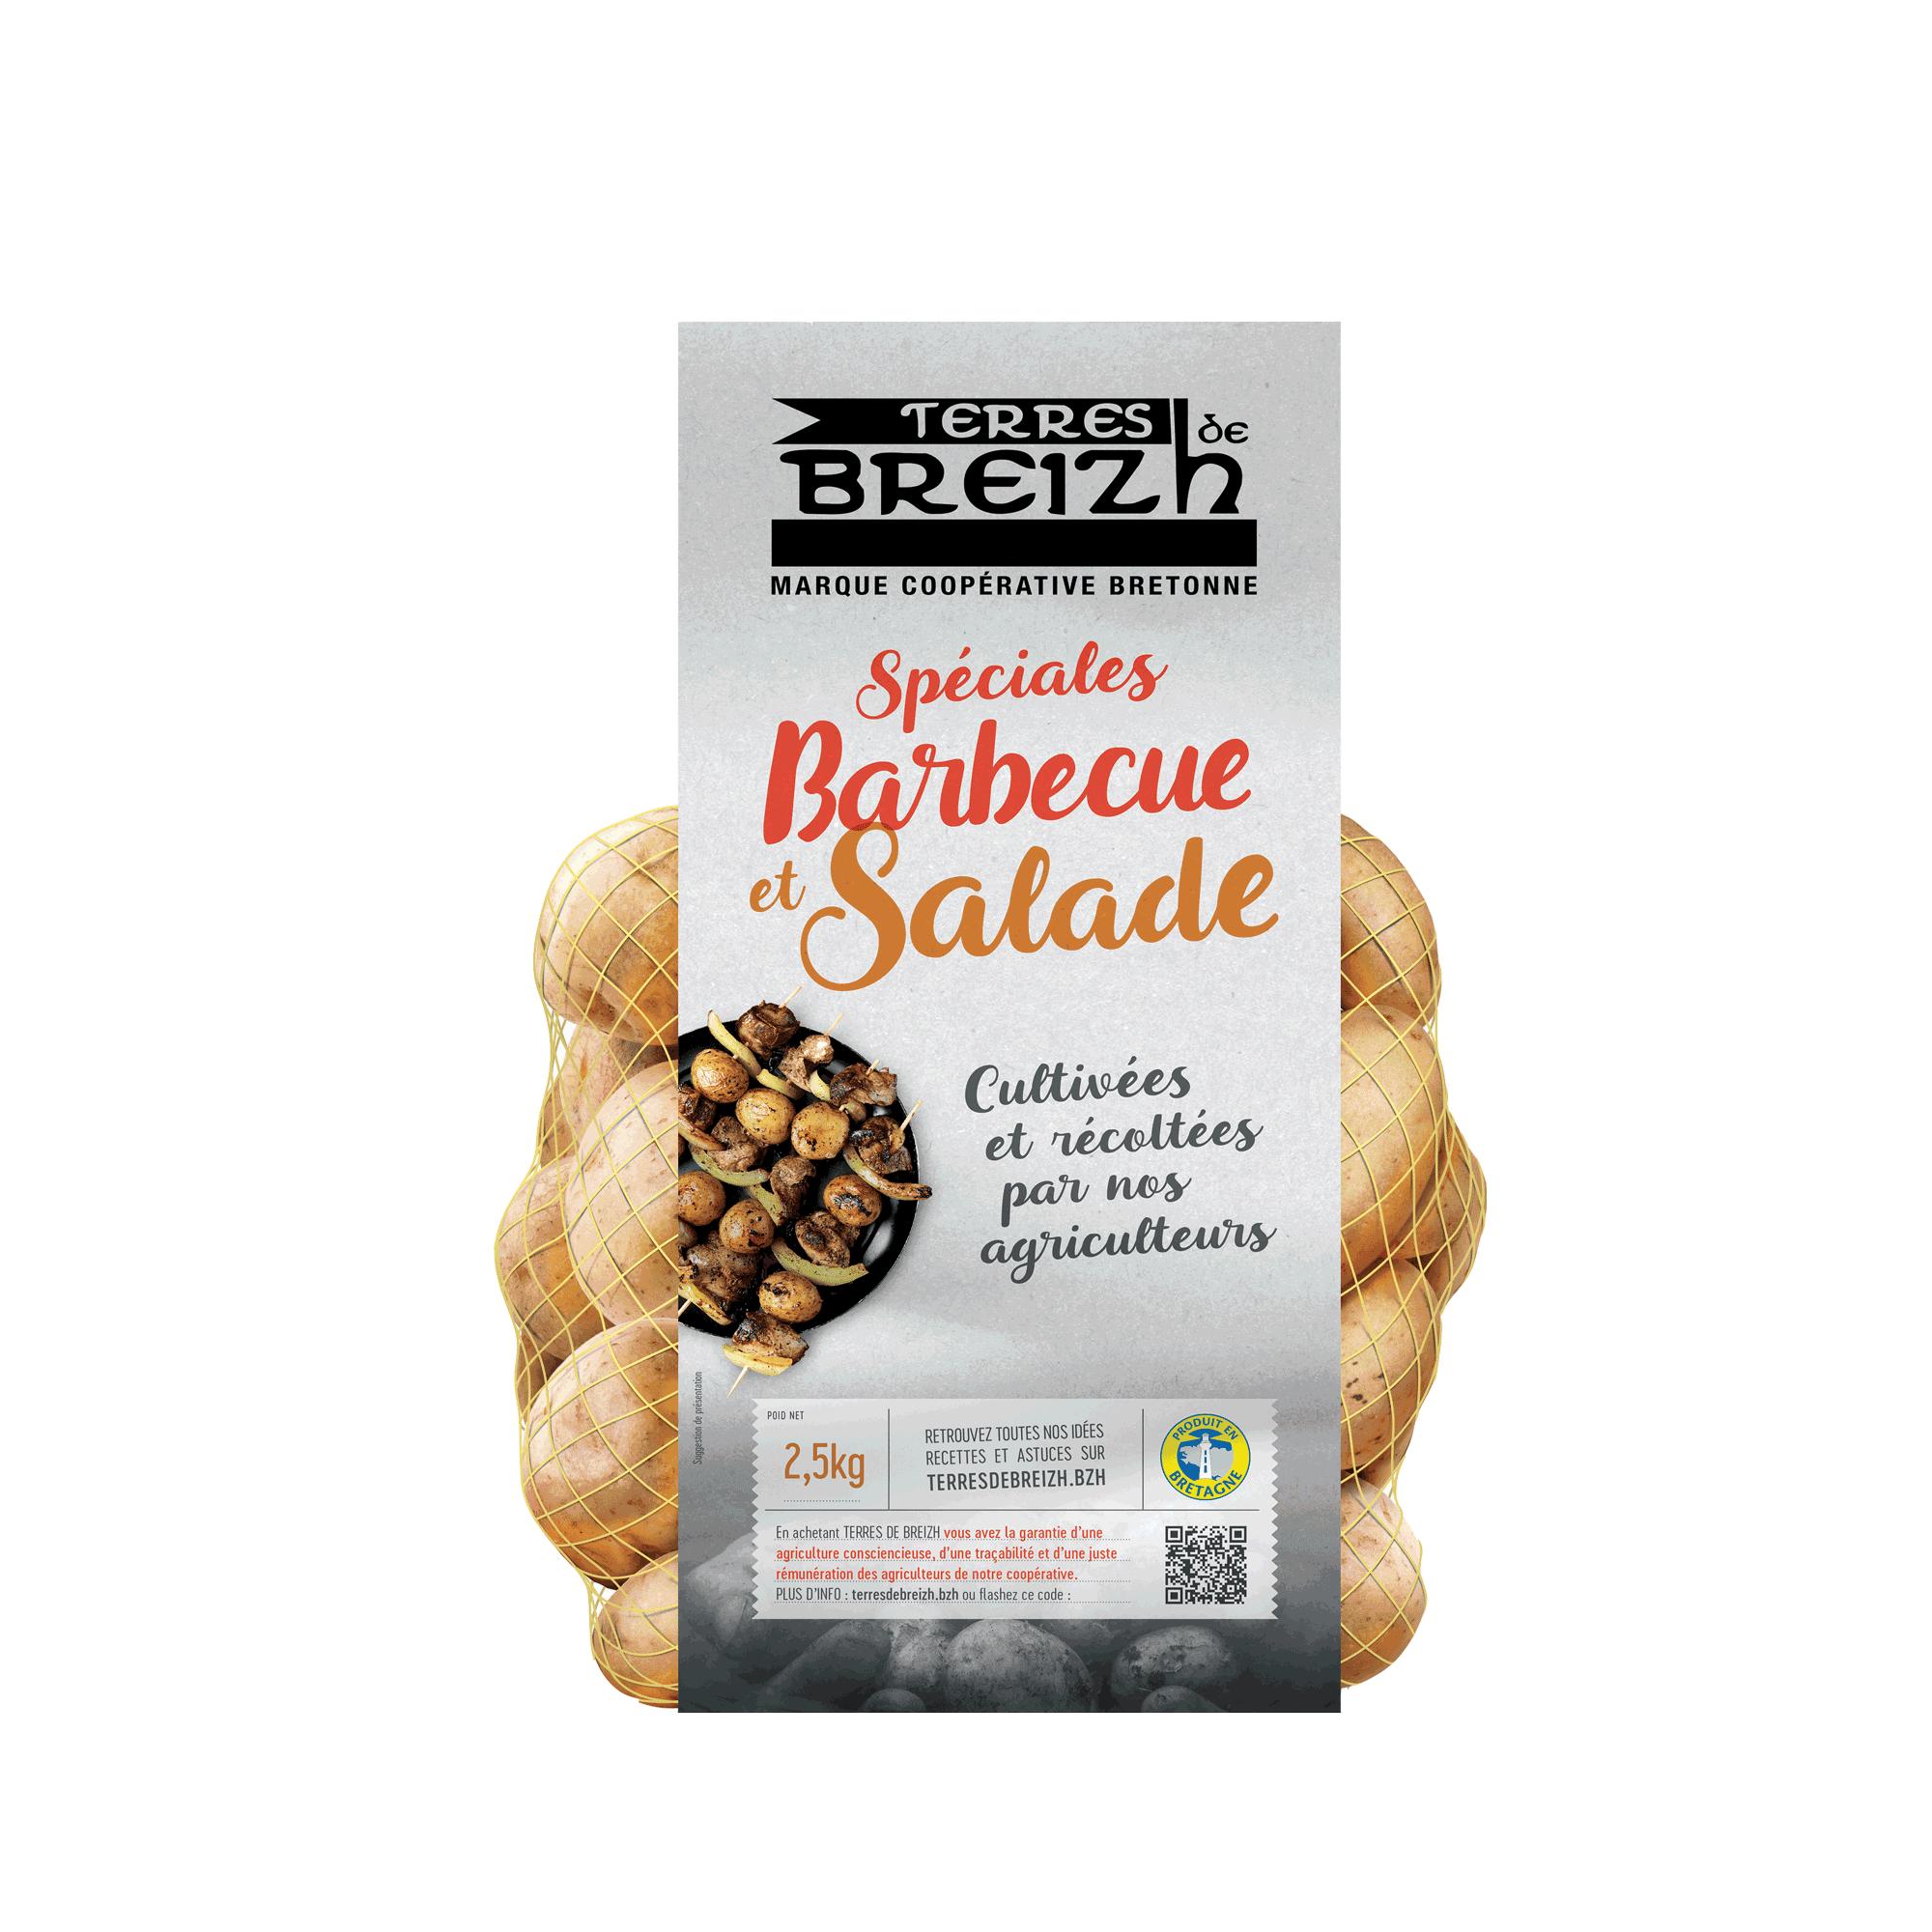 Barbecue-salade-Terres-de-Breizh---web